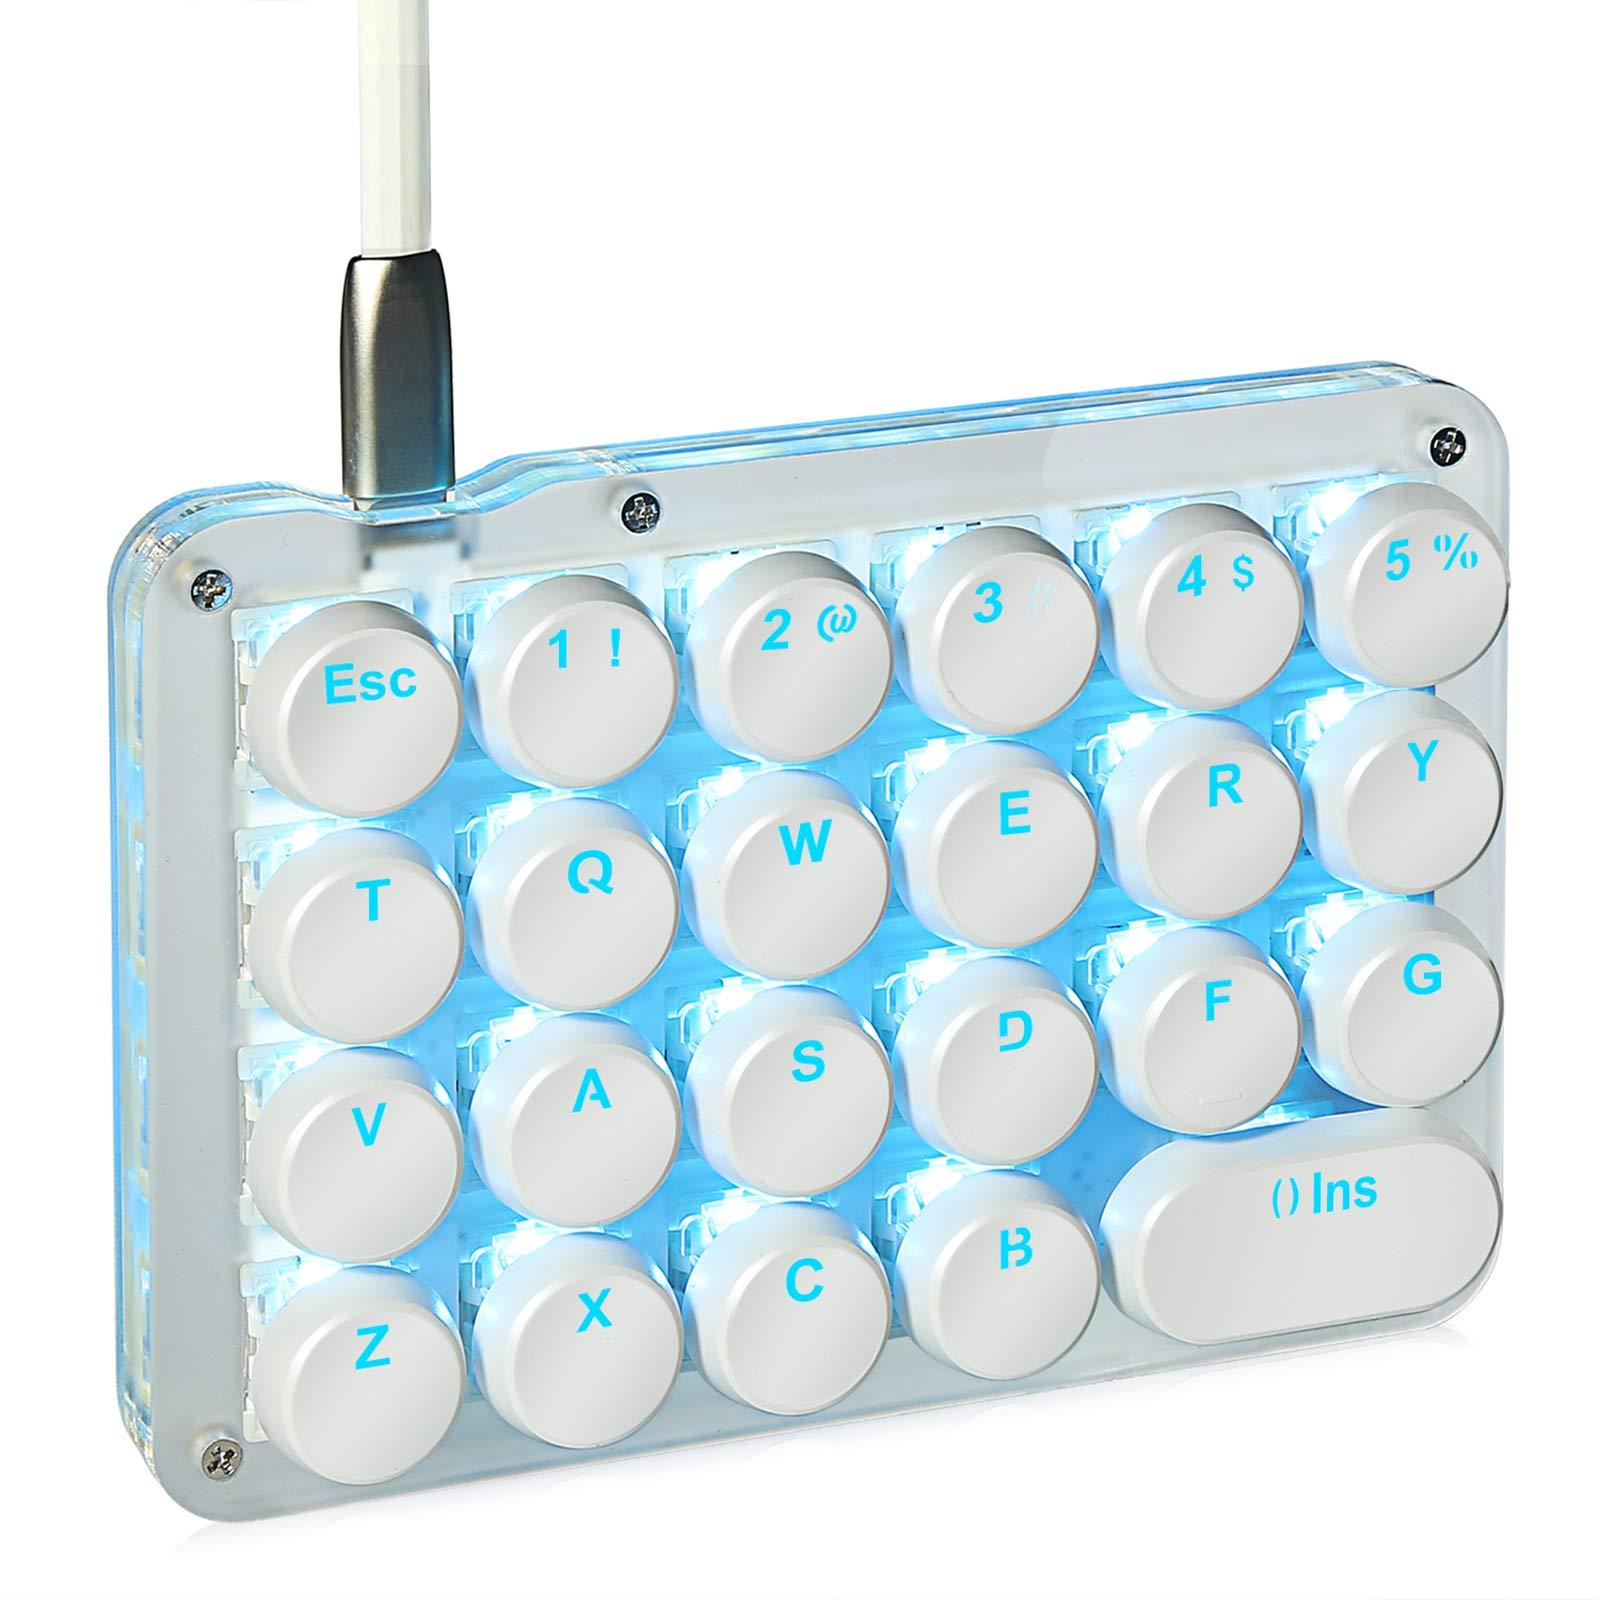 Koolertron one handed macro mechanical keyboard